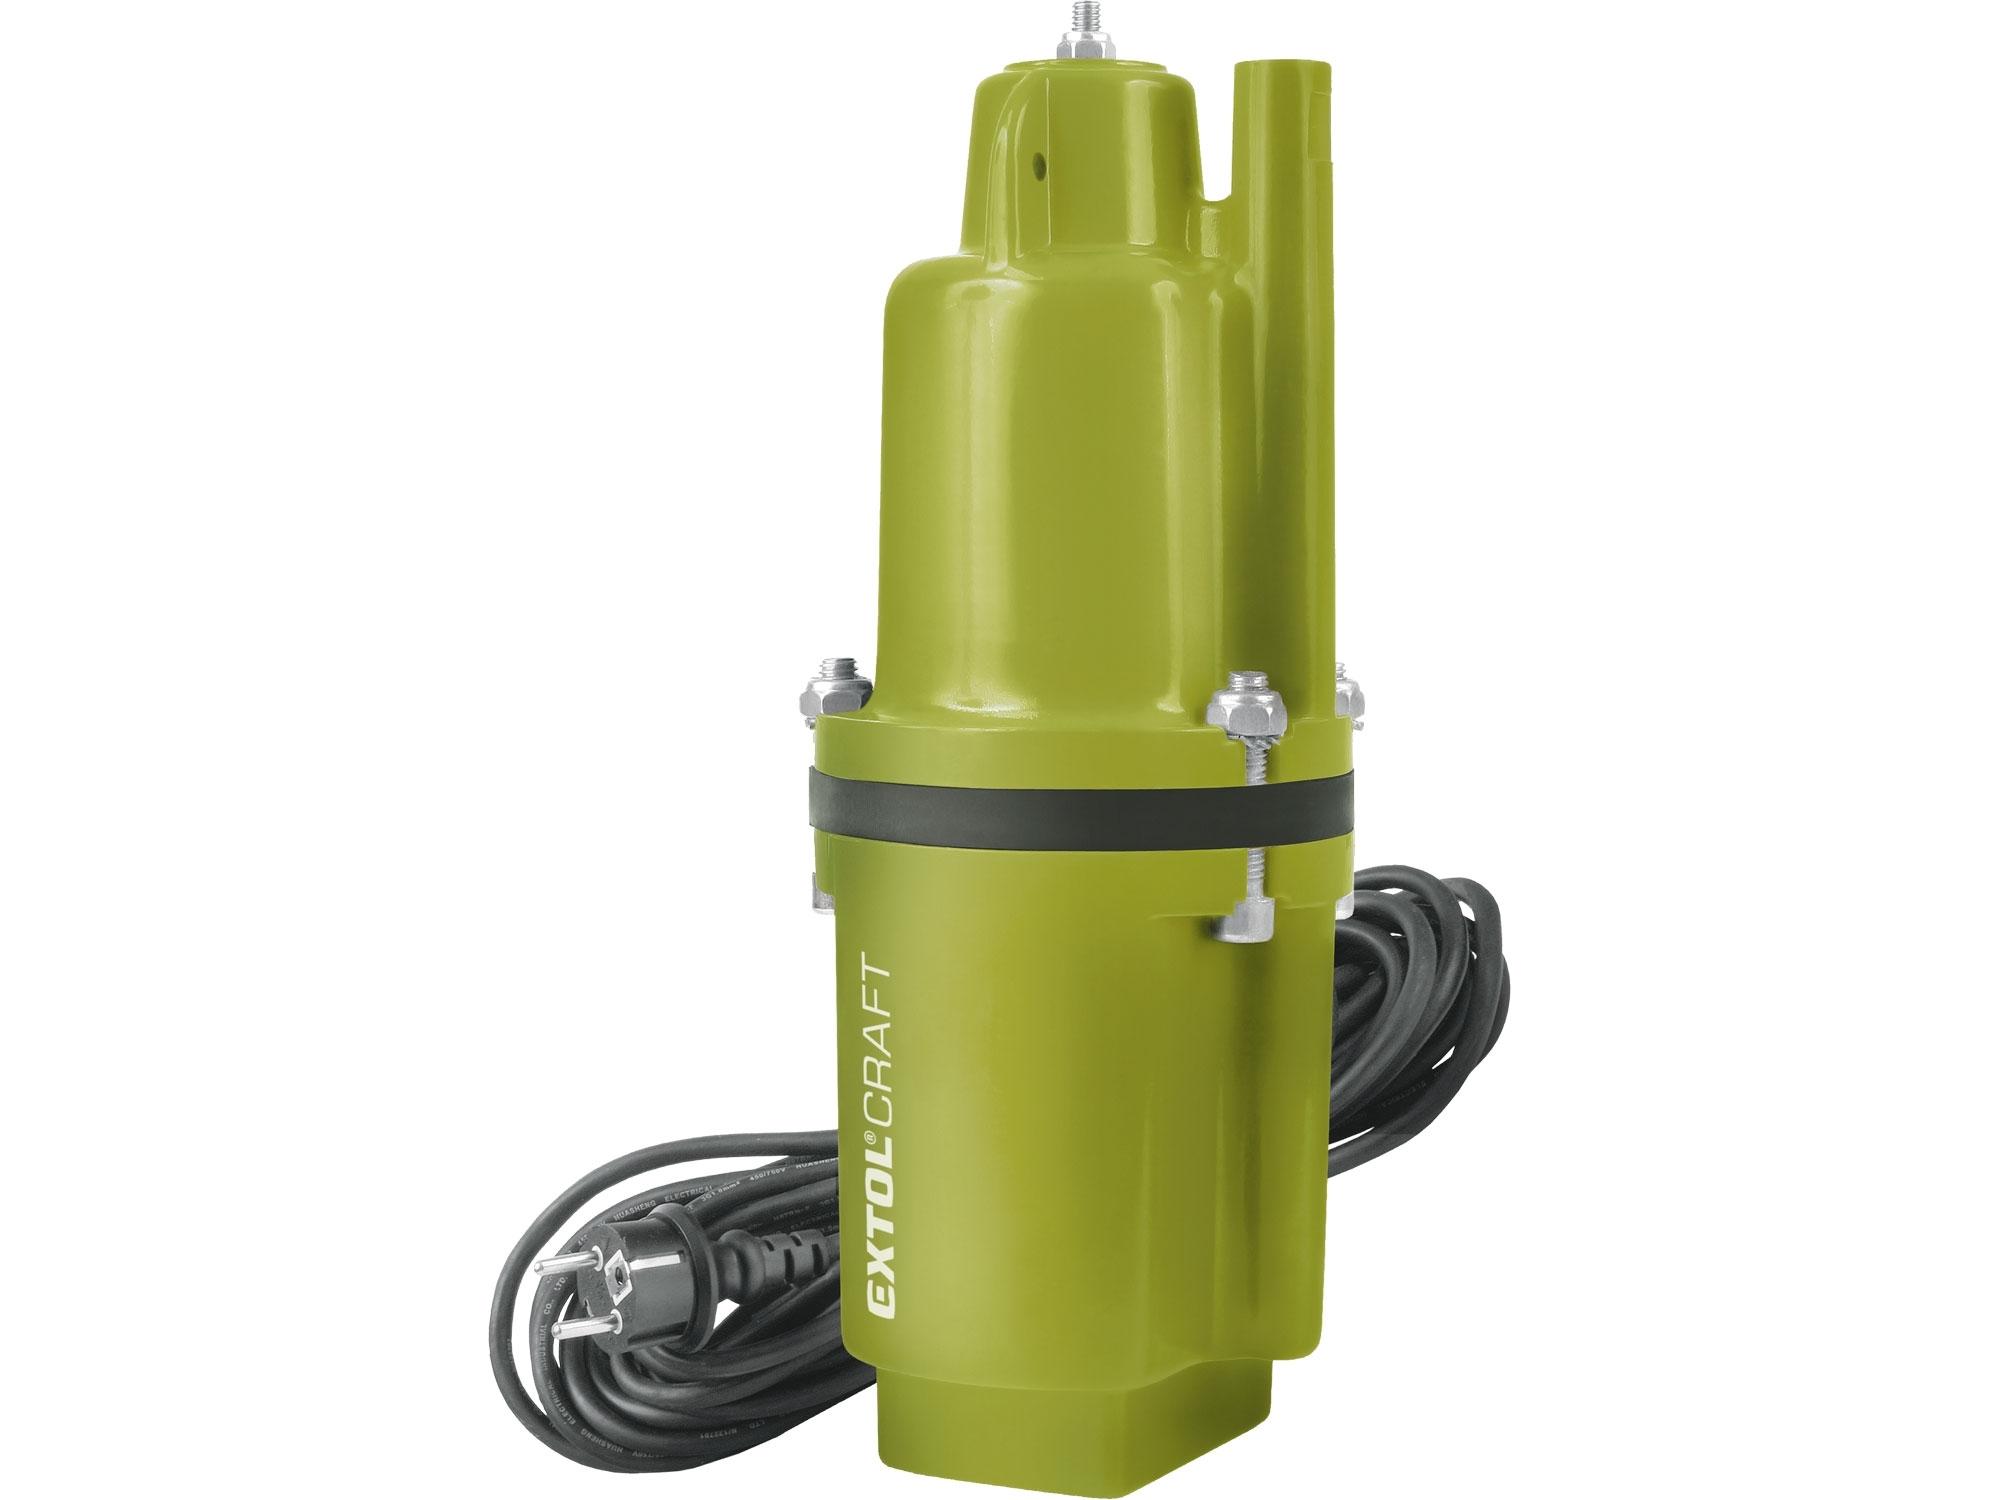 čerpadlo membránové hlubinné ponorné, 600W, 2000l/hod, 20m